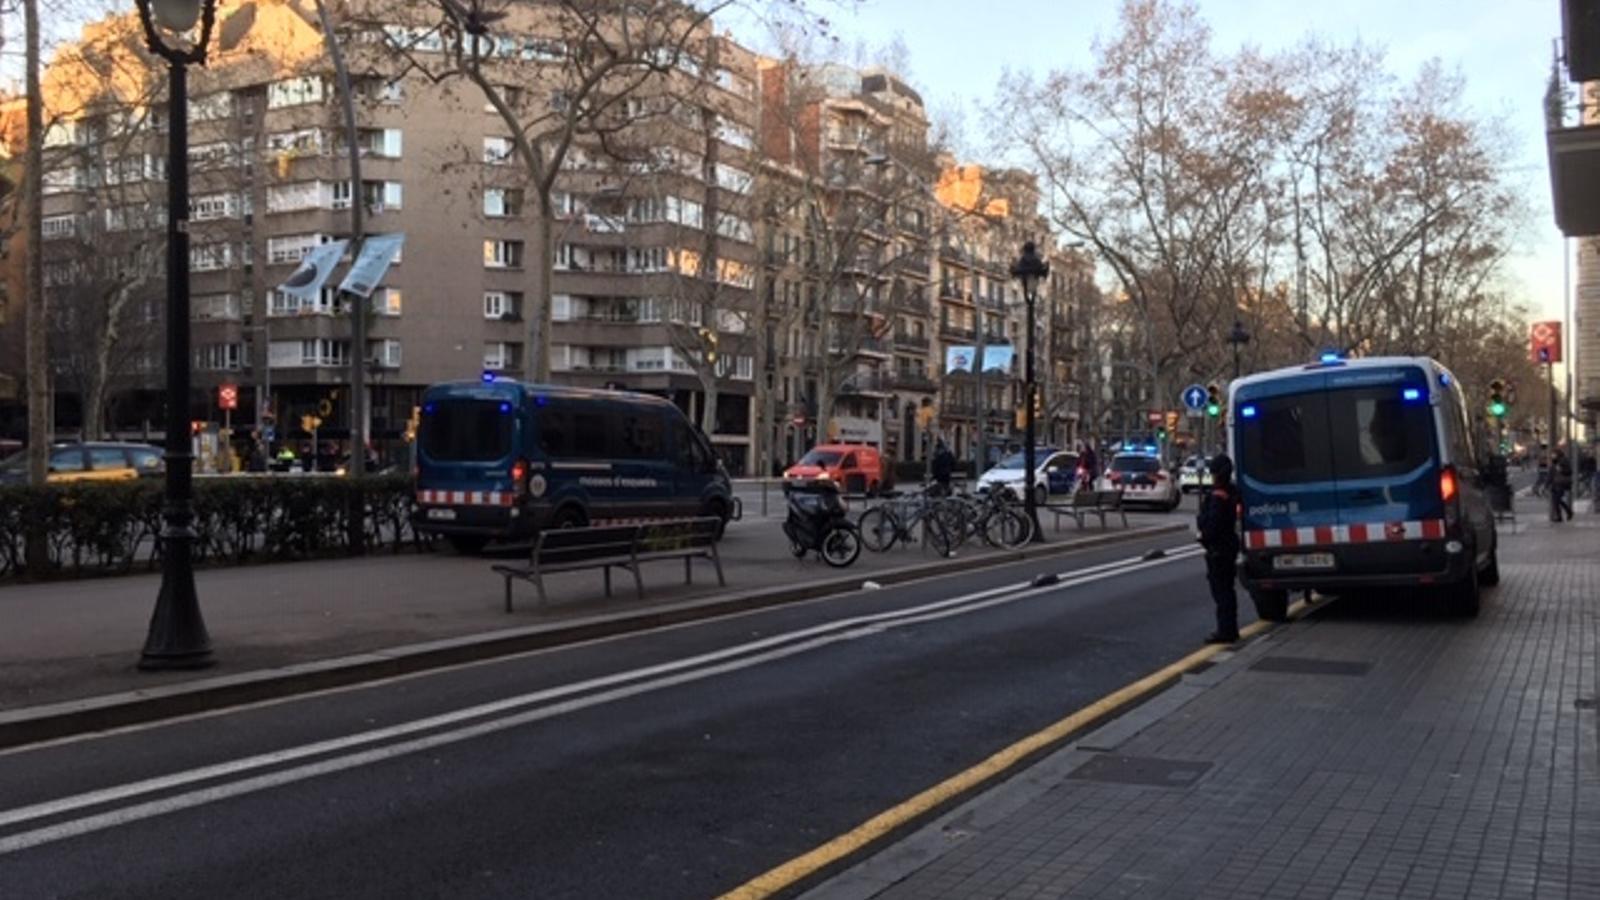 La circulació es va normalitzant després de les protestes dels CDR